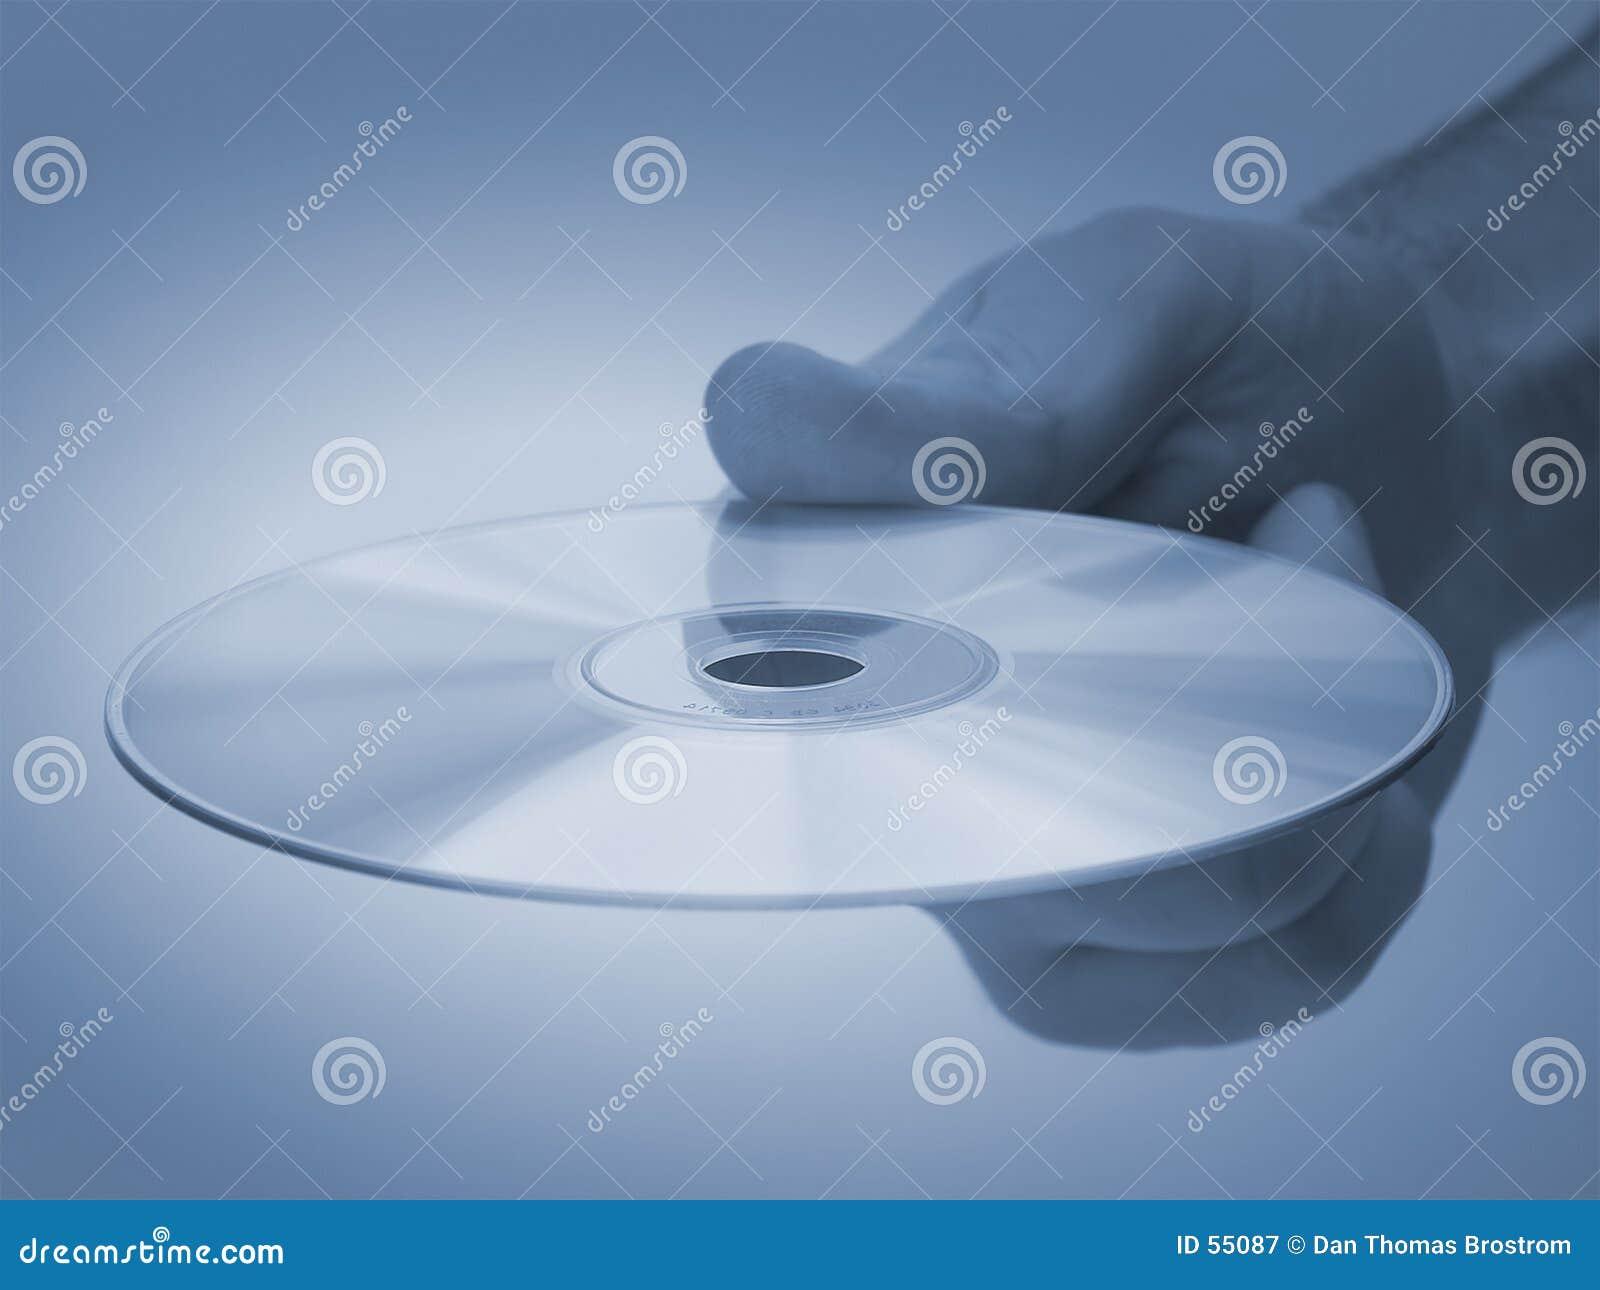 Abbia un CD